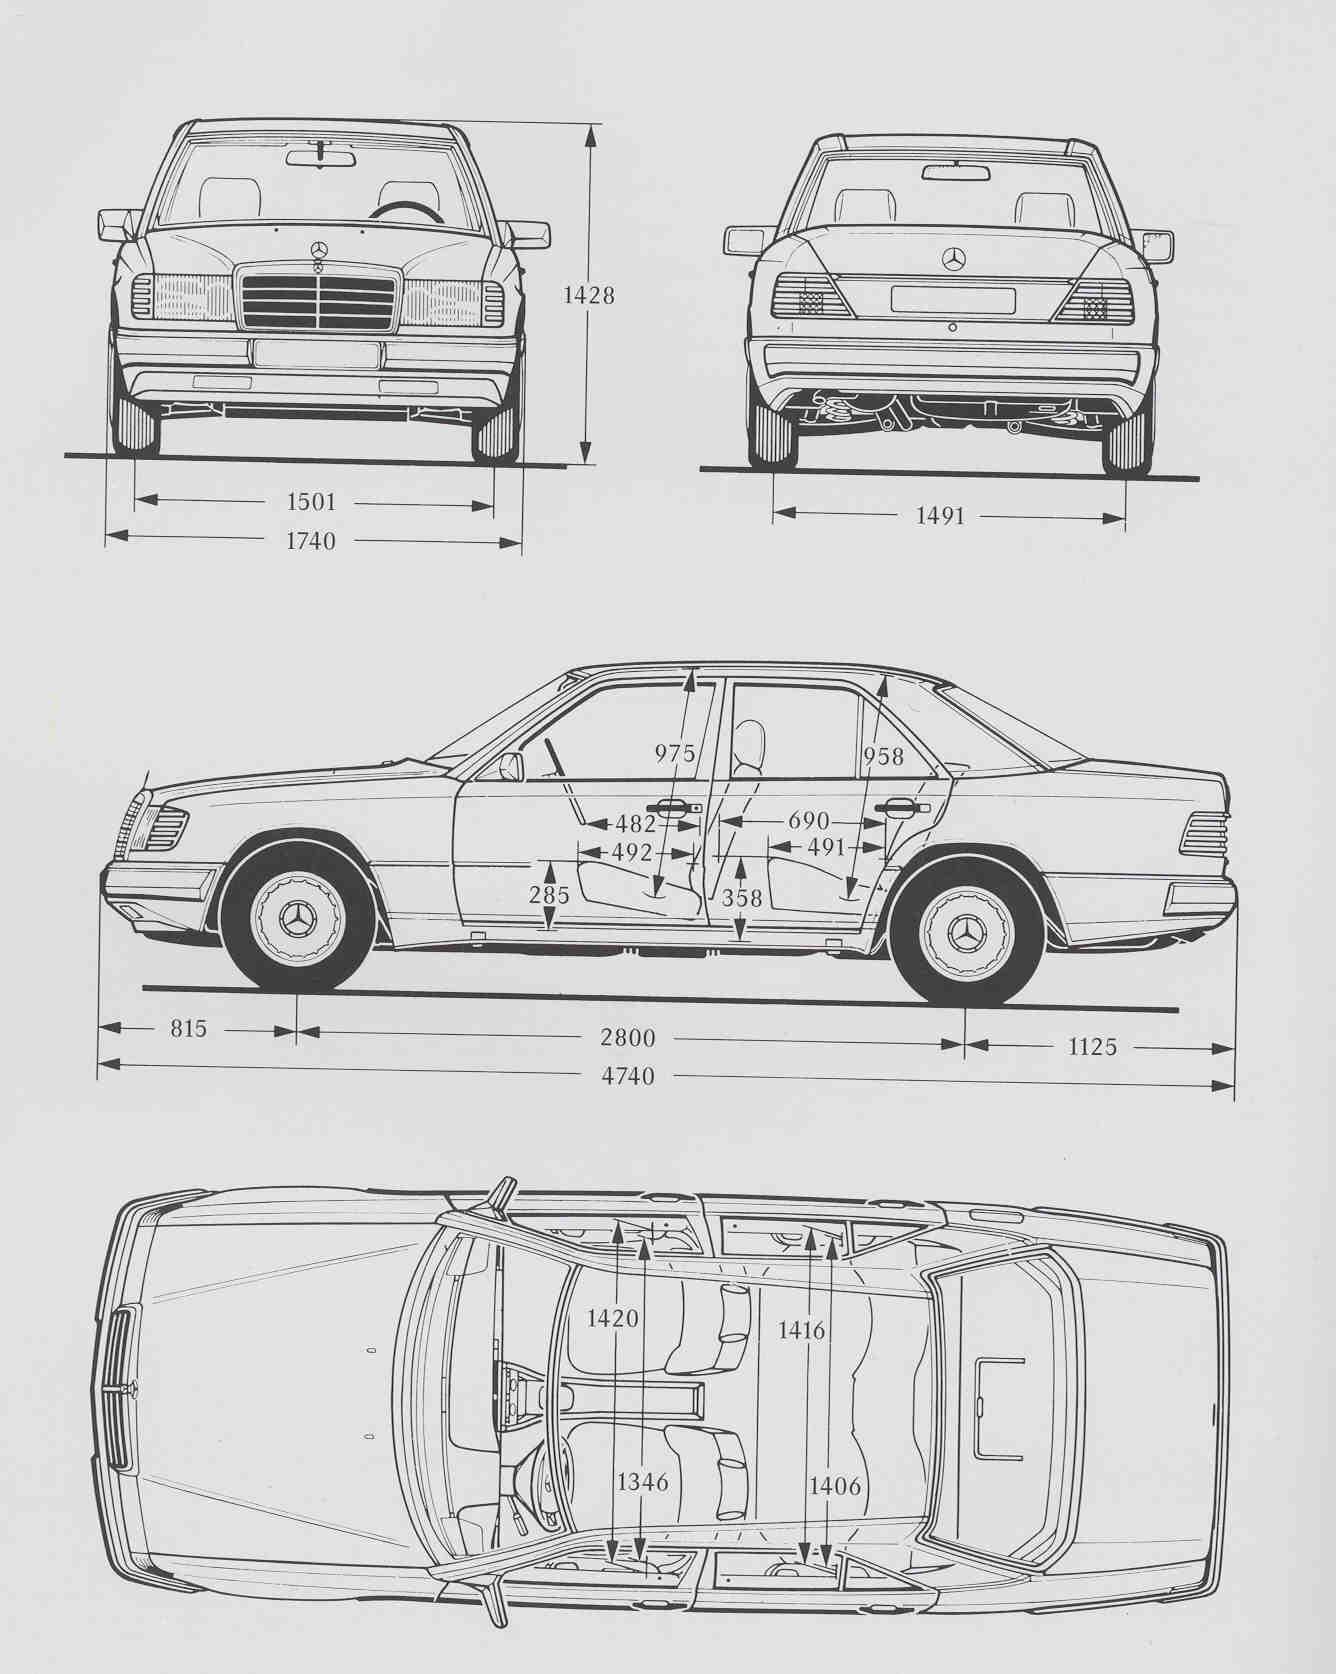 S430 Fuse Diagram